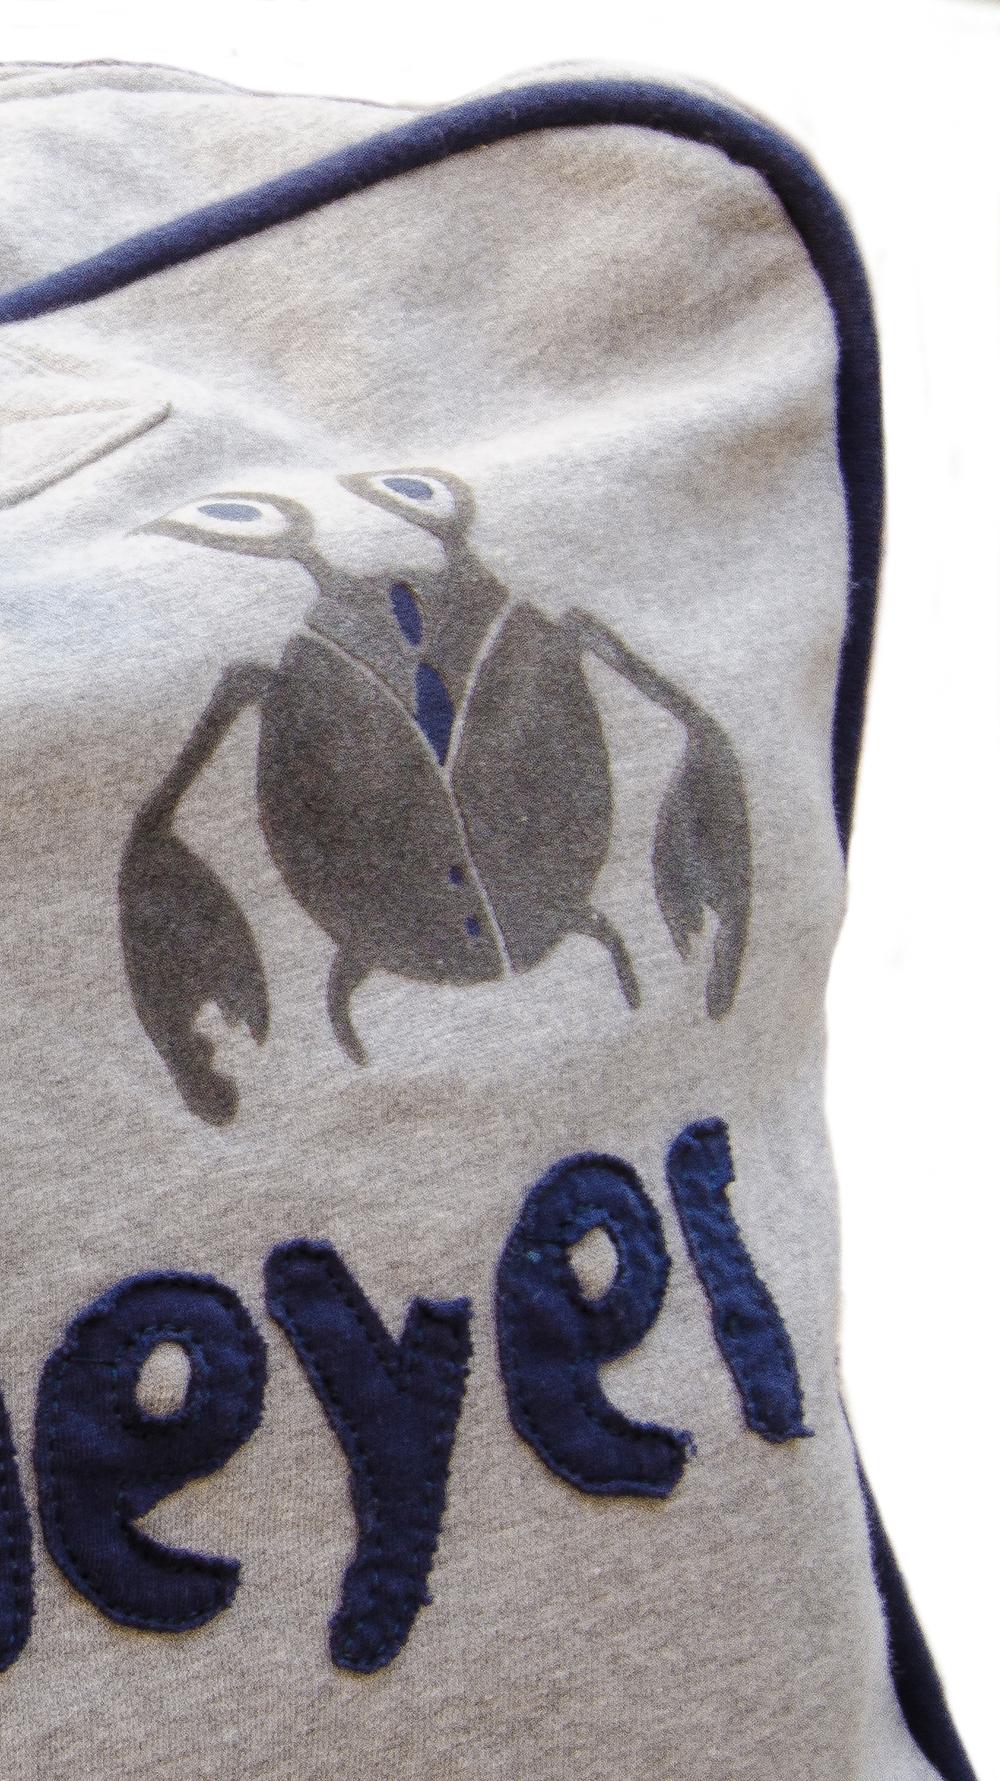 c-bags voor Cafmeyer Junior // multi cycli ecologische draagtas // katoenen bedrukte draagtassen